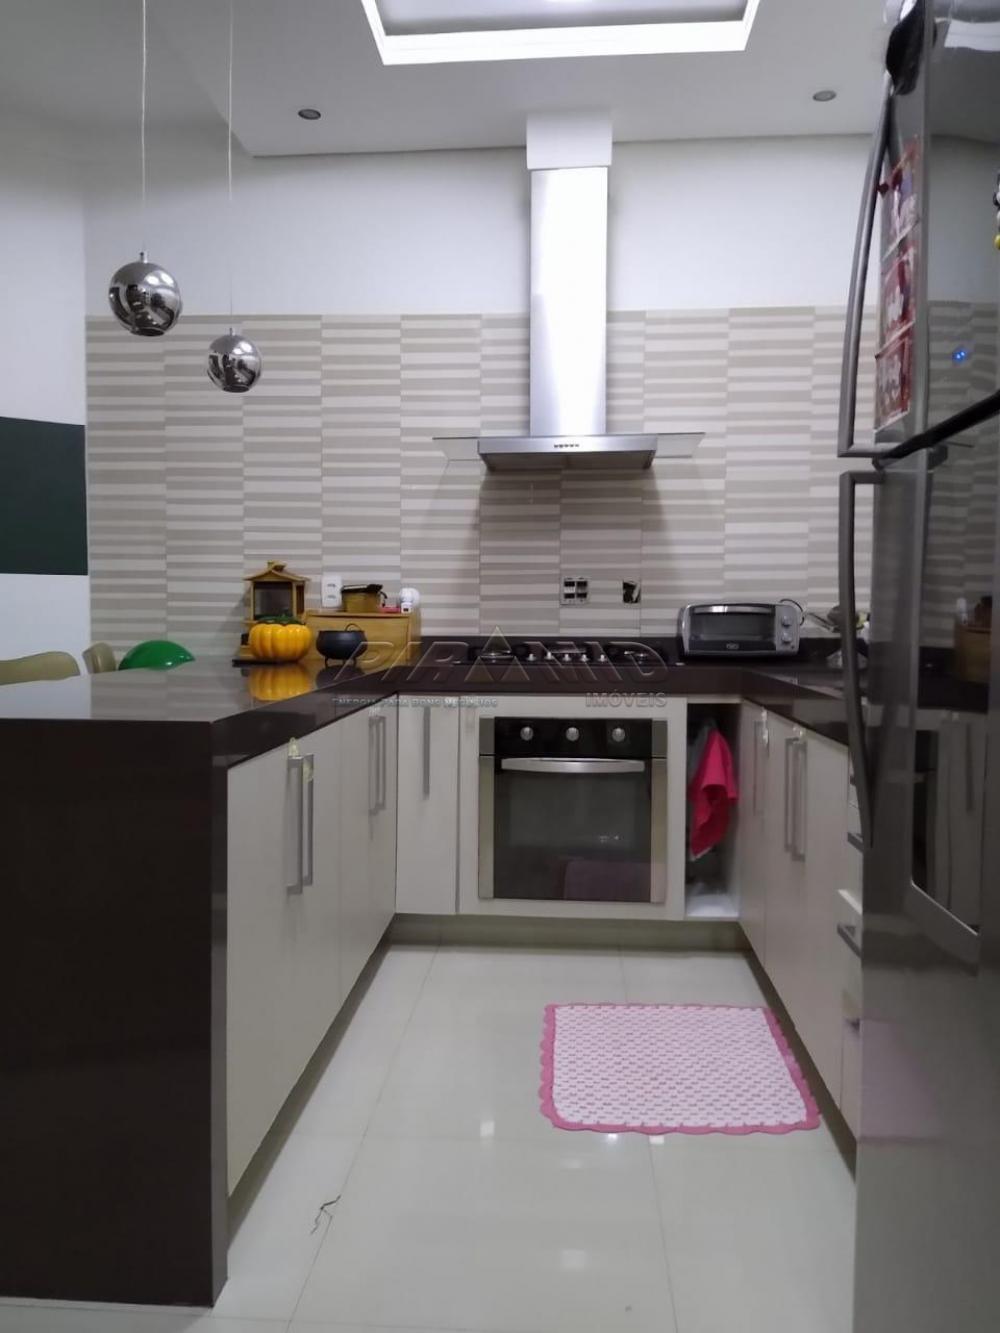 Comprar Apartamento / Padrão em Ribeirão Preto R$ 397.000,00 - Foto 4